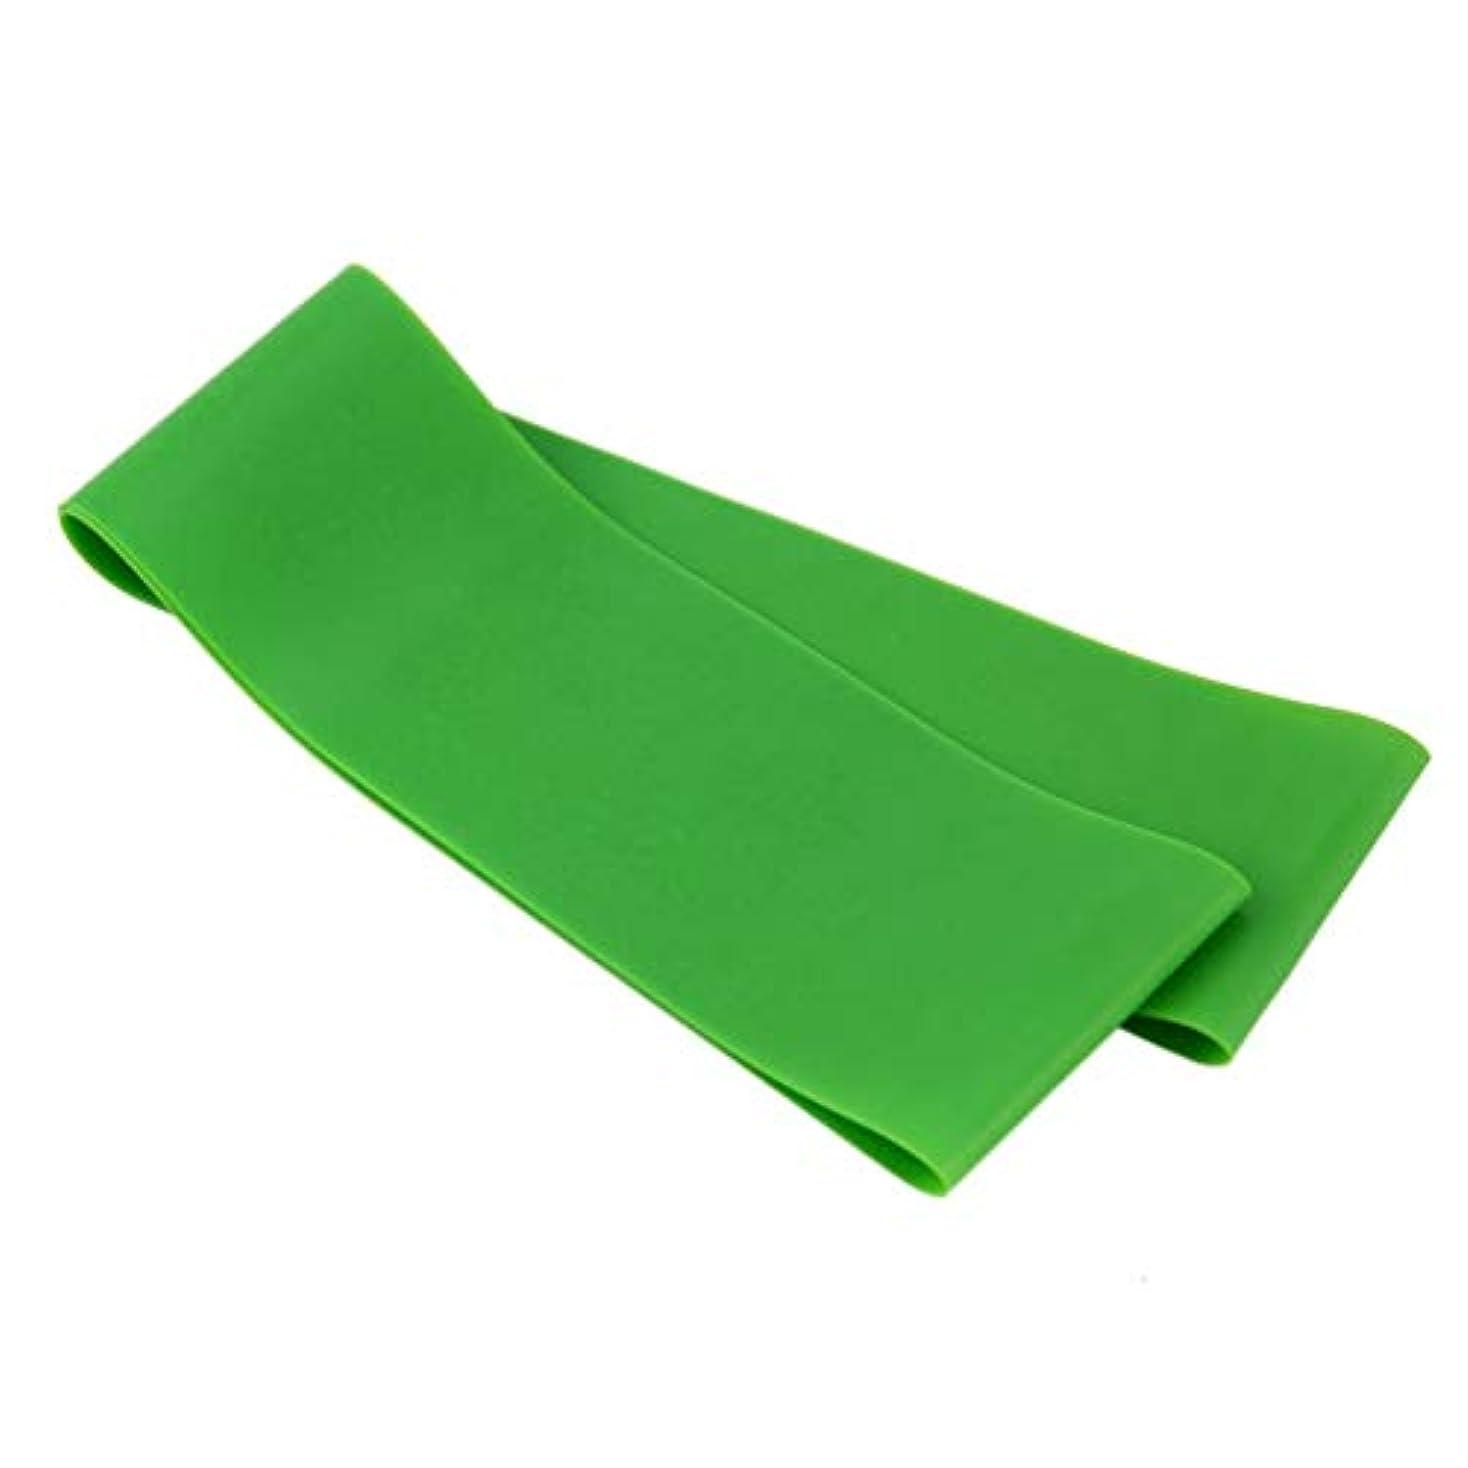 付録先生と組む滑り止め伸縮性ゴム弾性ヨガベルトバンドプルロープ張力抵抗バンドループ強度のためのフィットネスヨガツール - グリーン